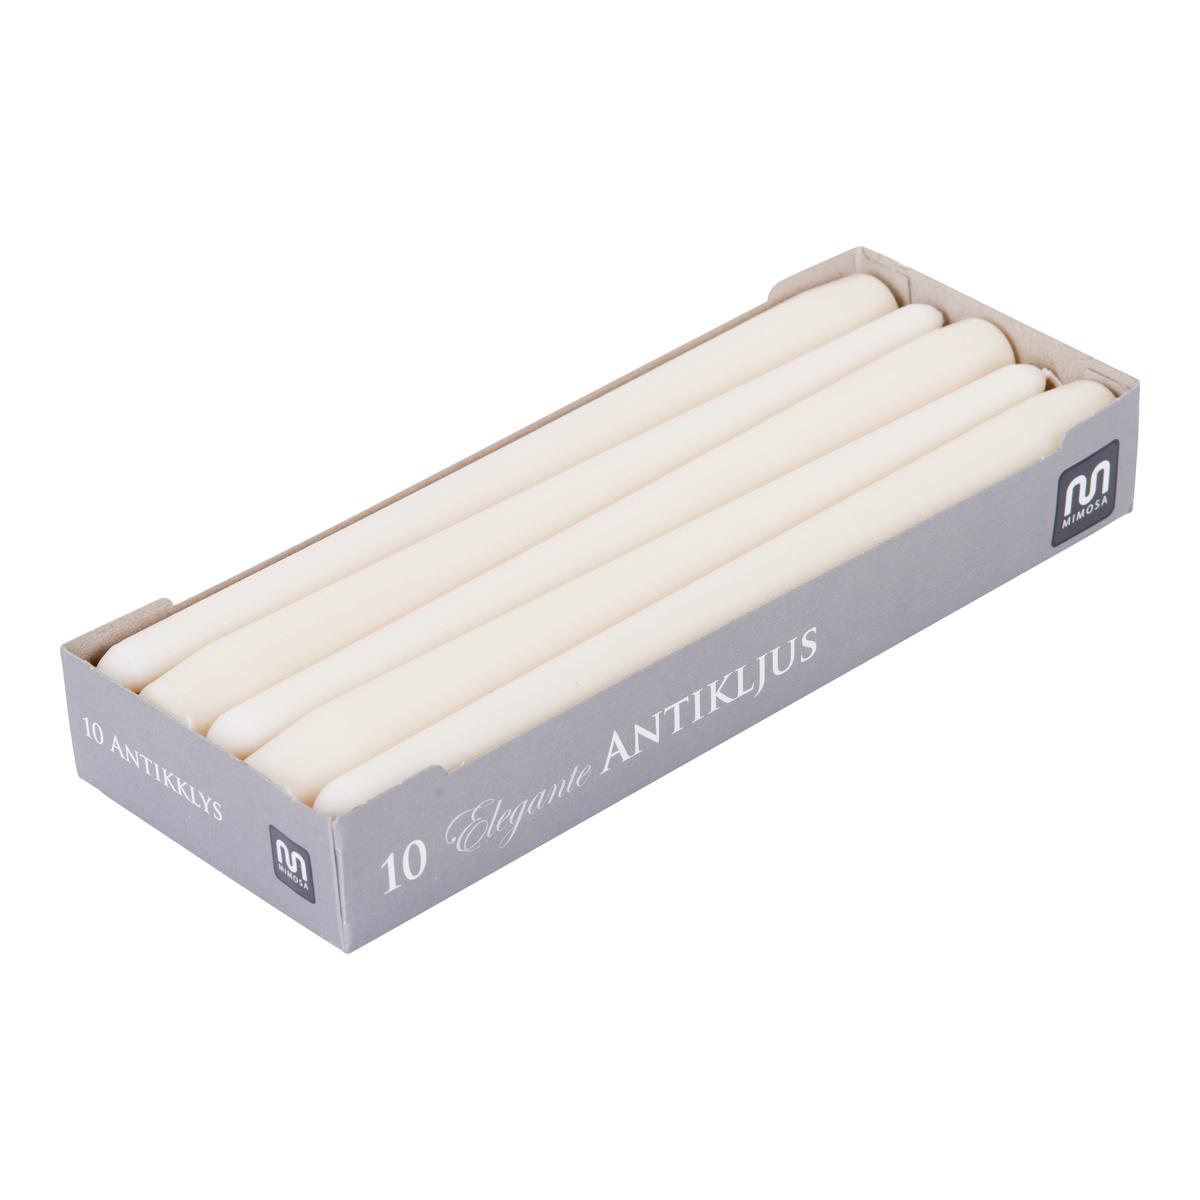 Antikklys 10pk-STE500